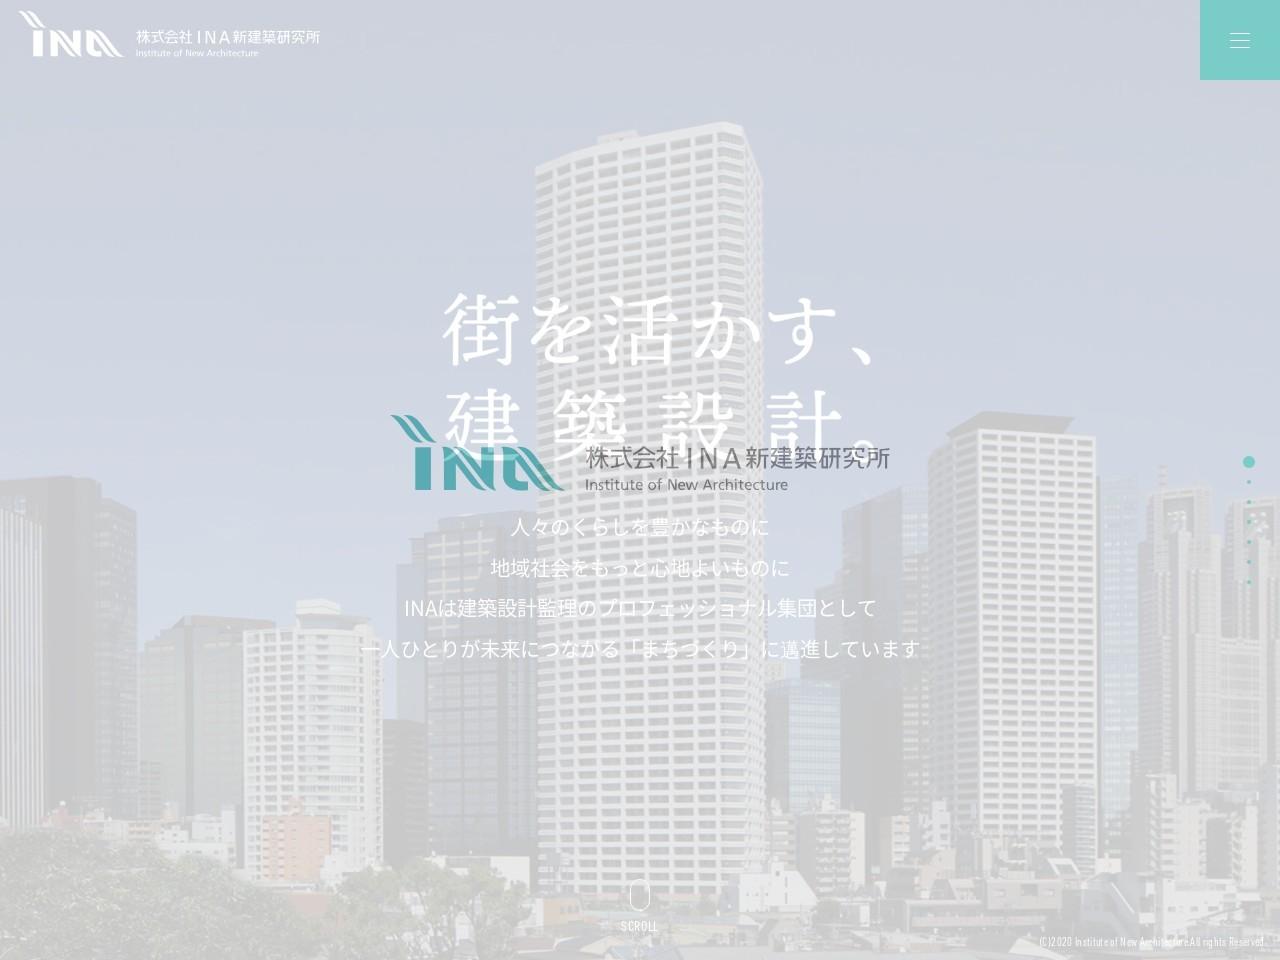 株式会社INA新建築研究所